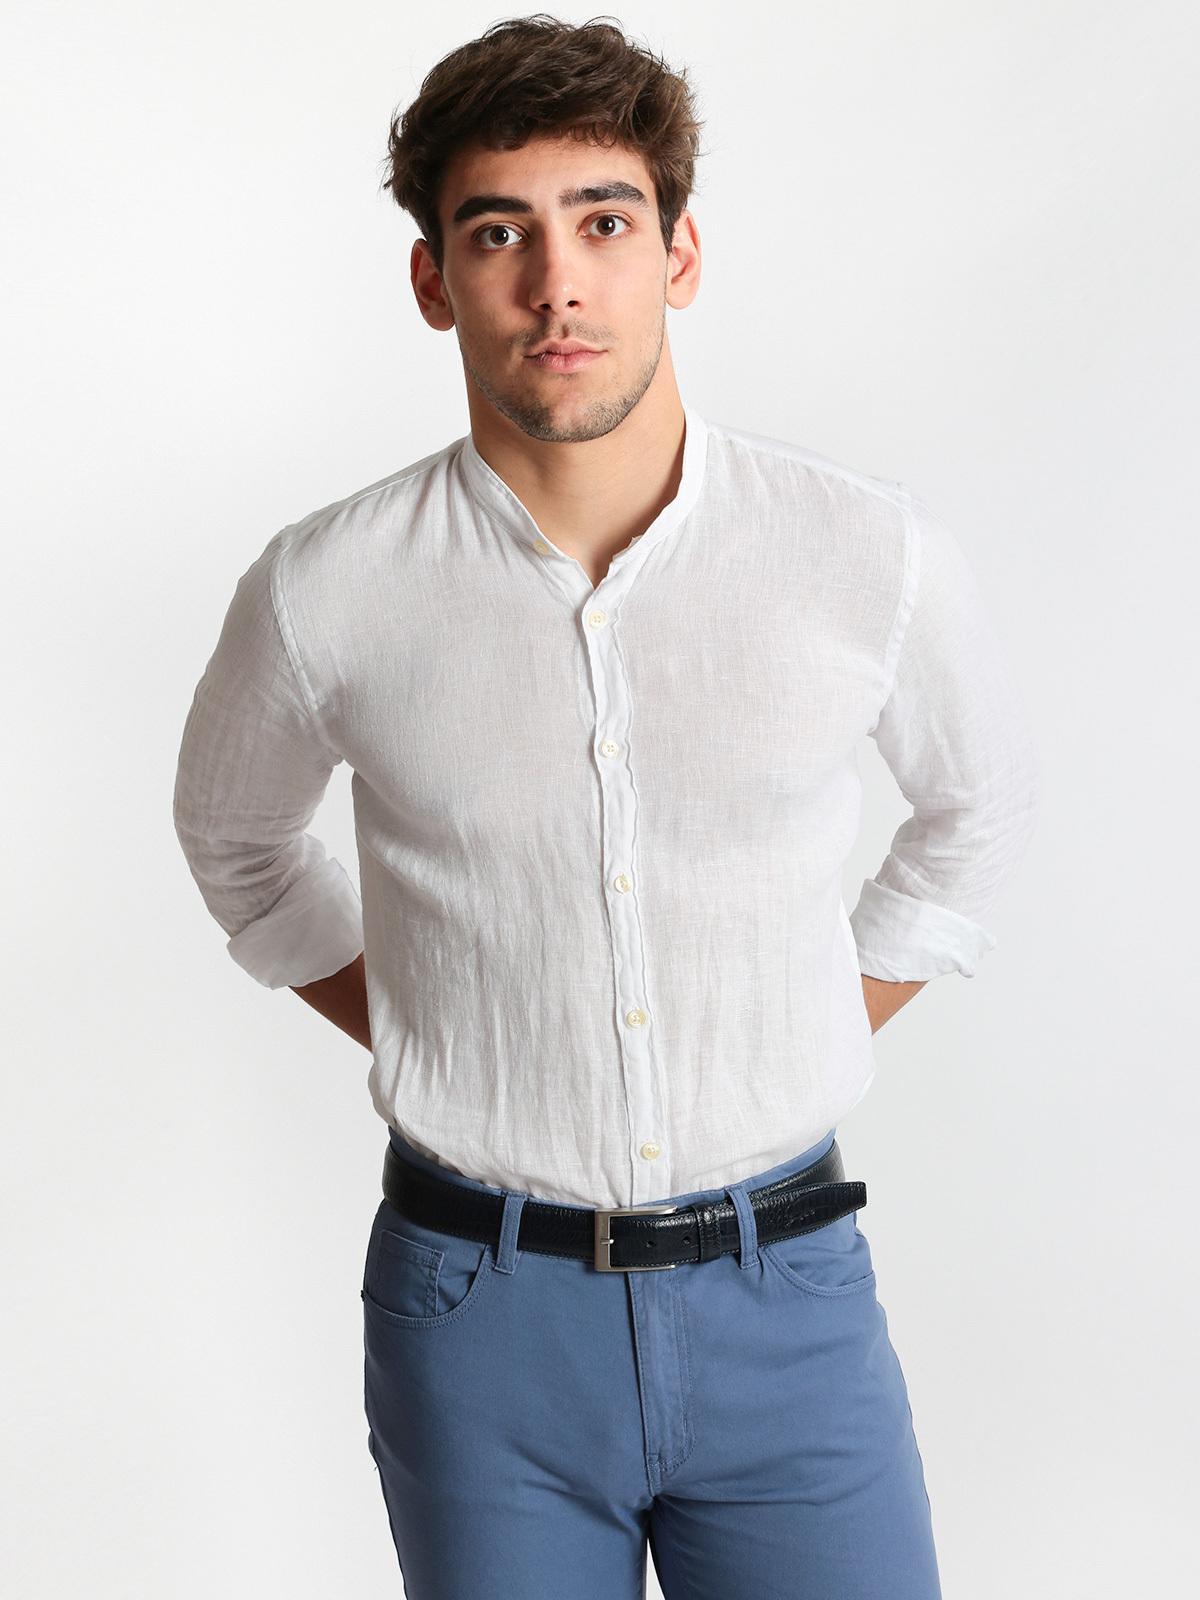 nuovo prodotto 8cd83 88c7b Camicia di lino bianca con collo coreano b-style | MecShopping